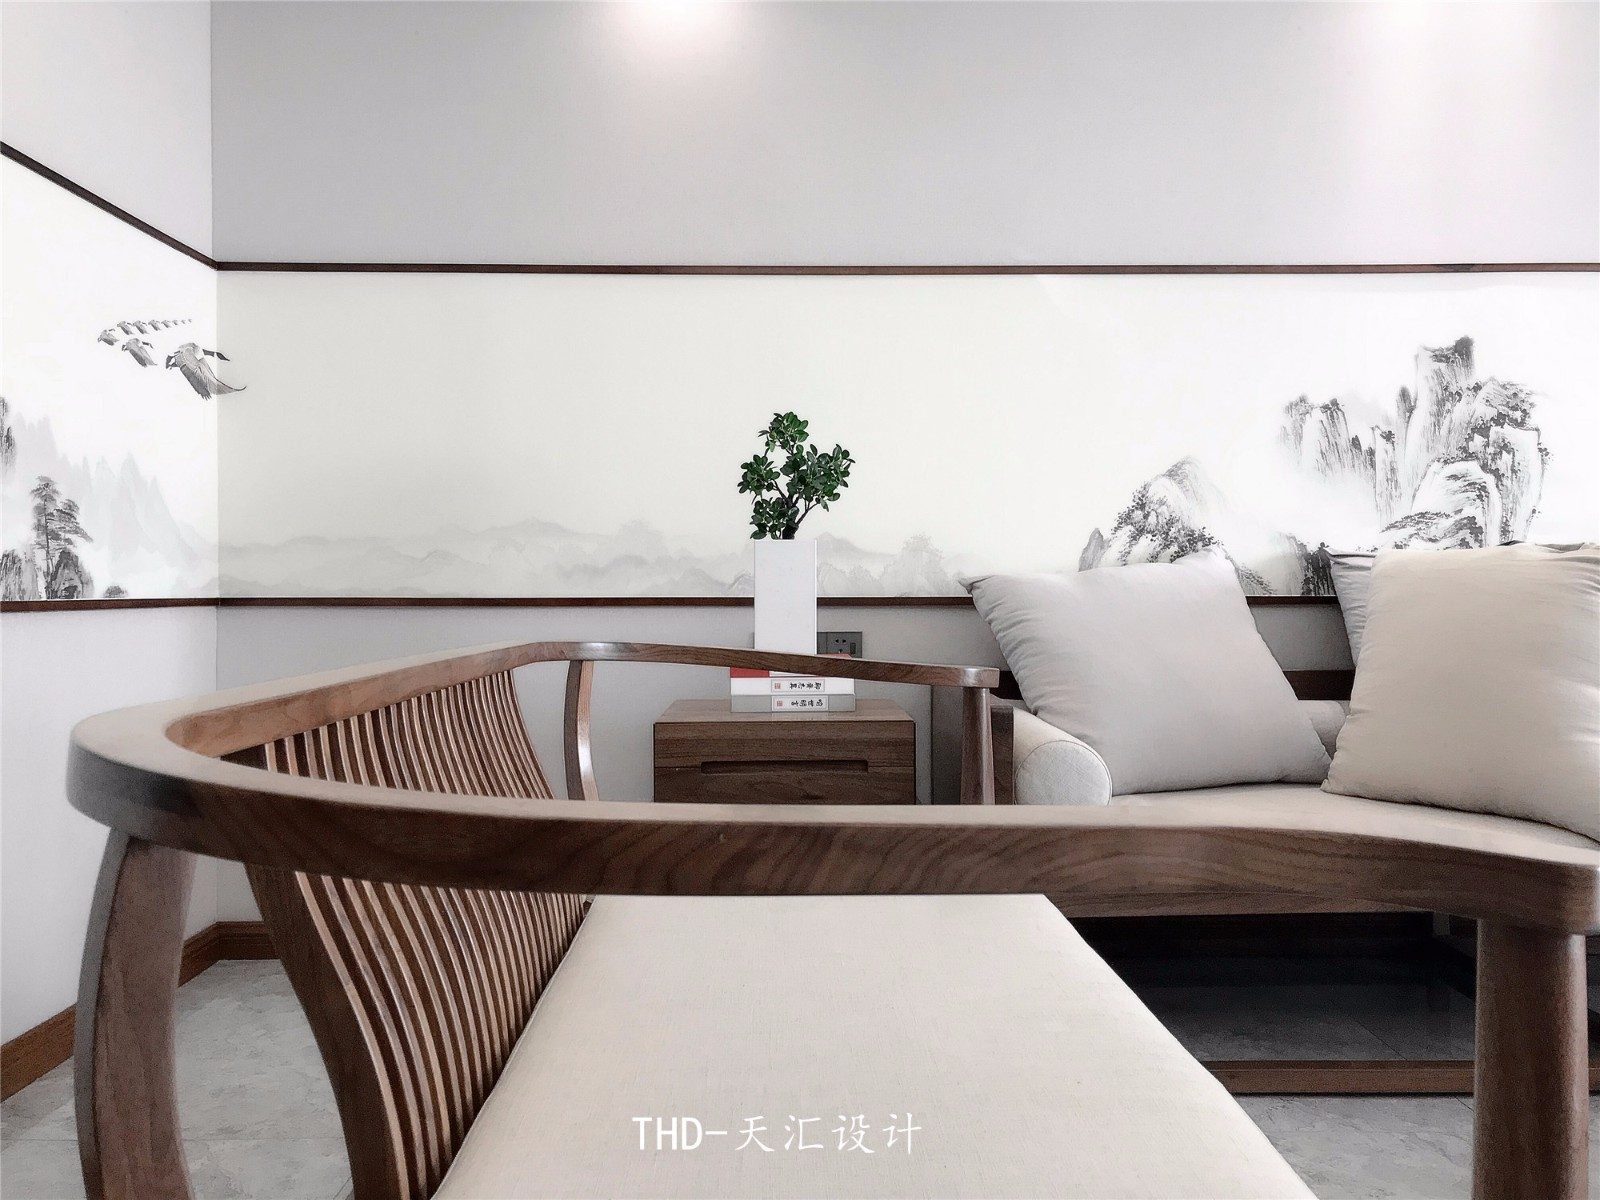 中式客厅背景墙实景图